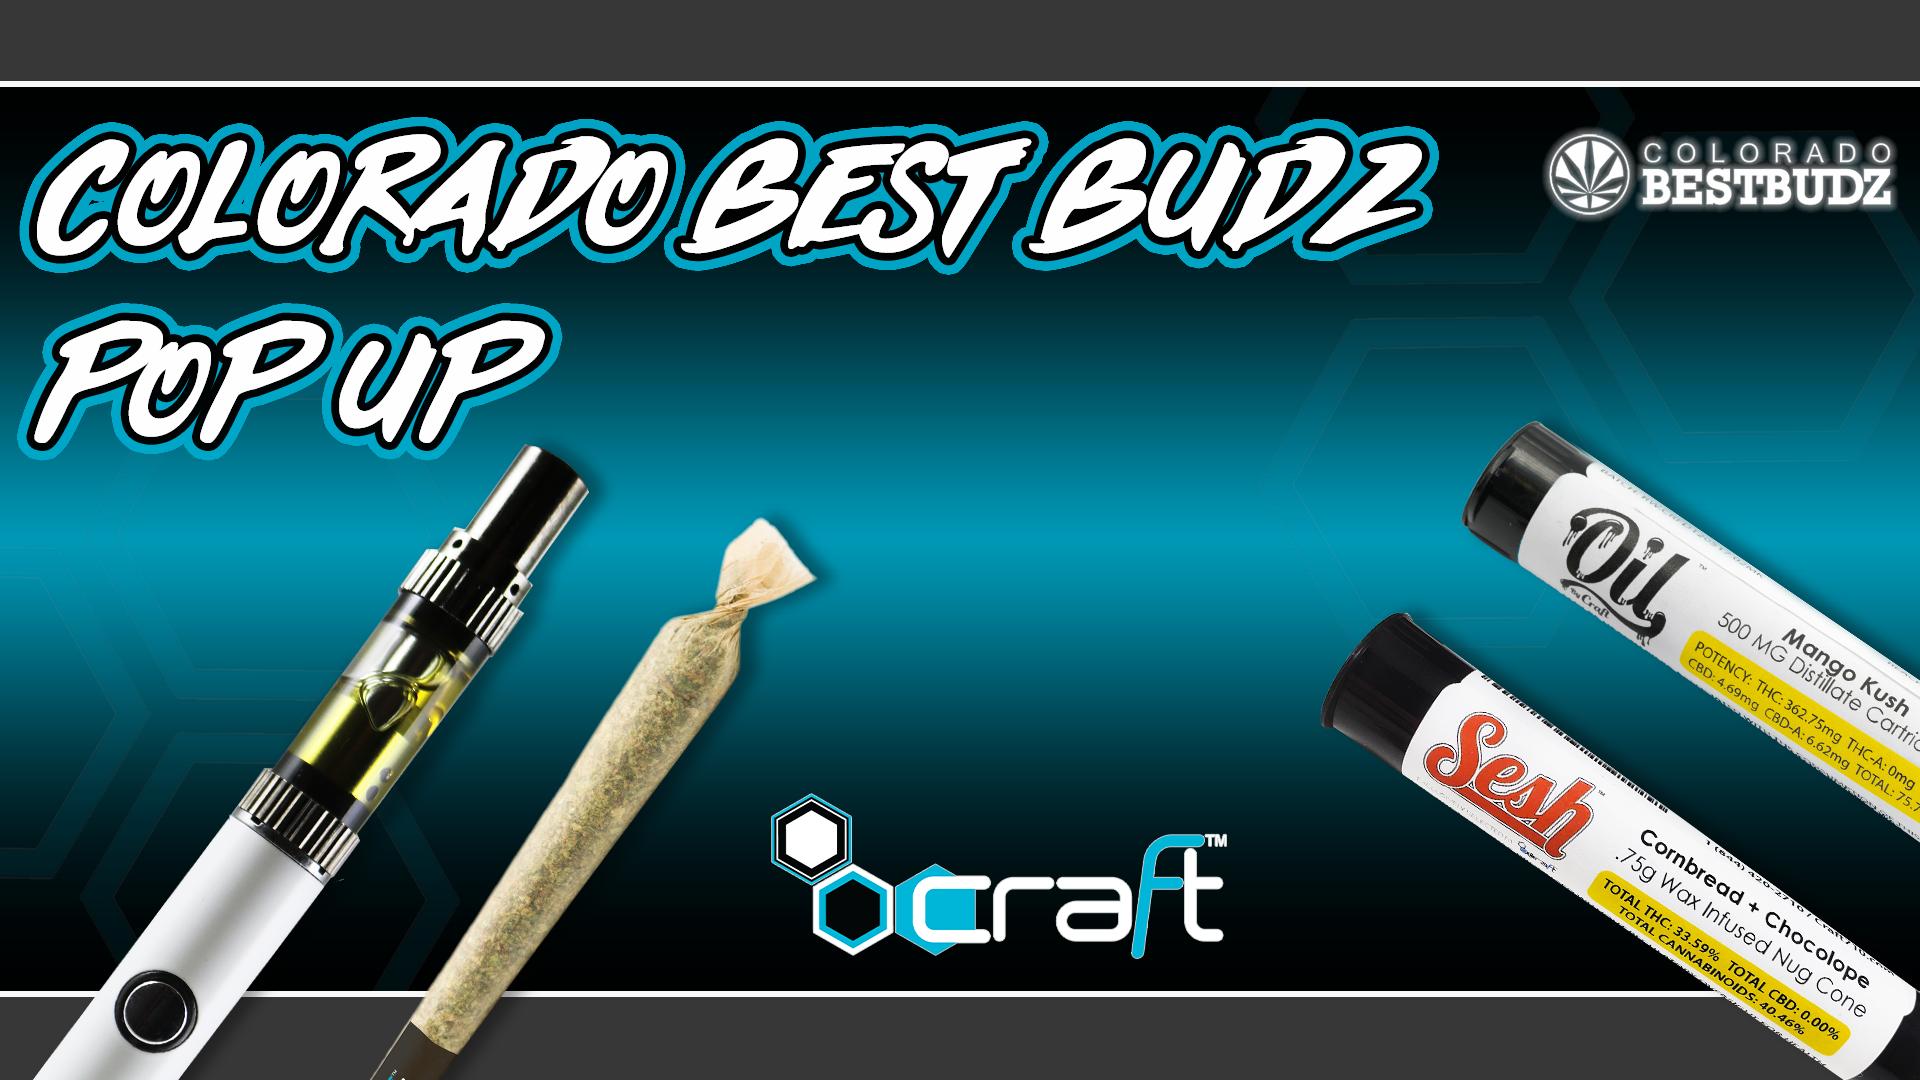 8.10-Colorado Best Budz.png